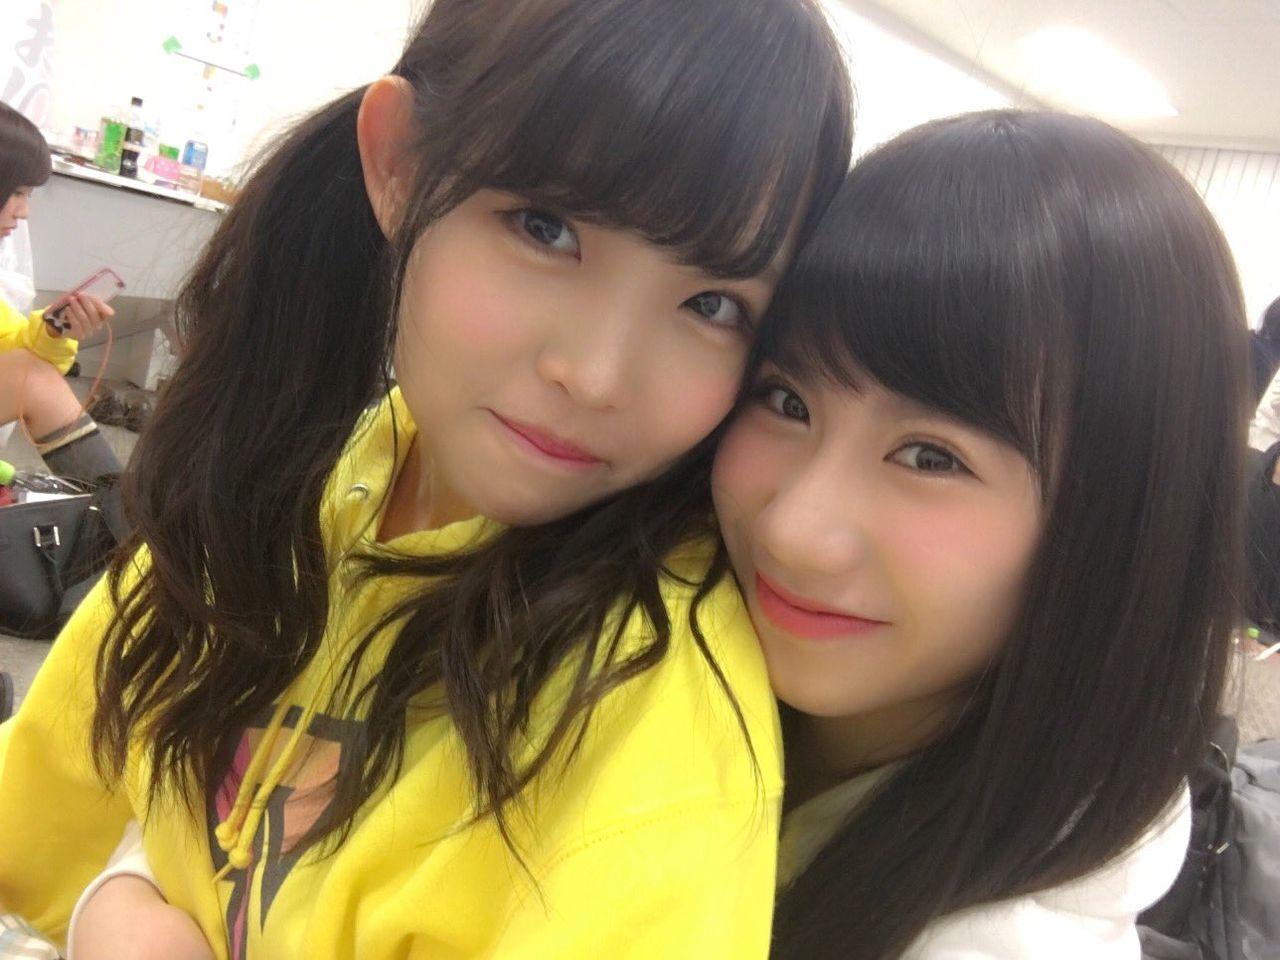 【NMB48】植村梓ってグングン可愛くなってきてないか?